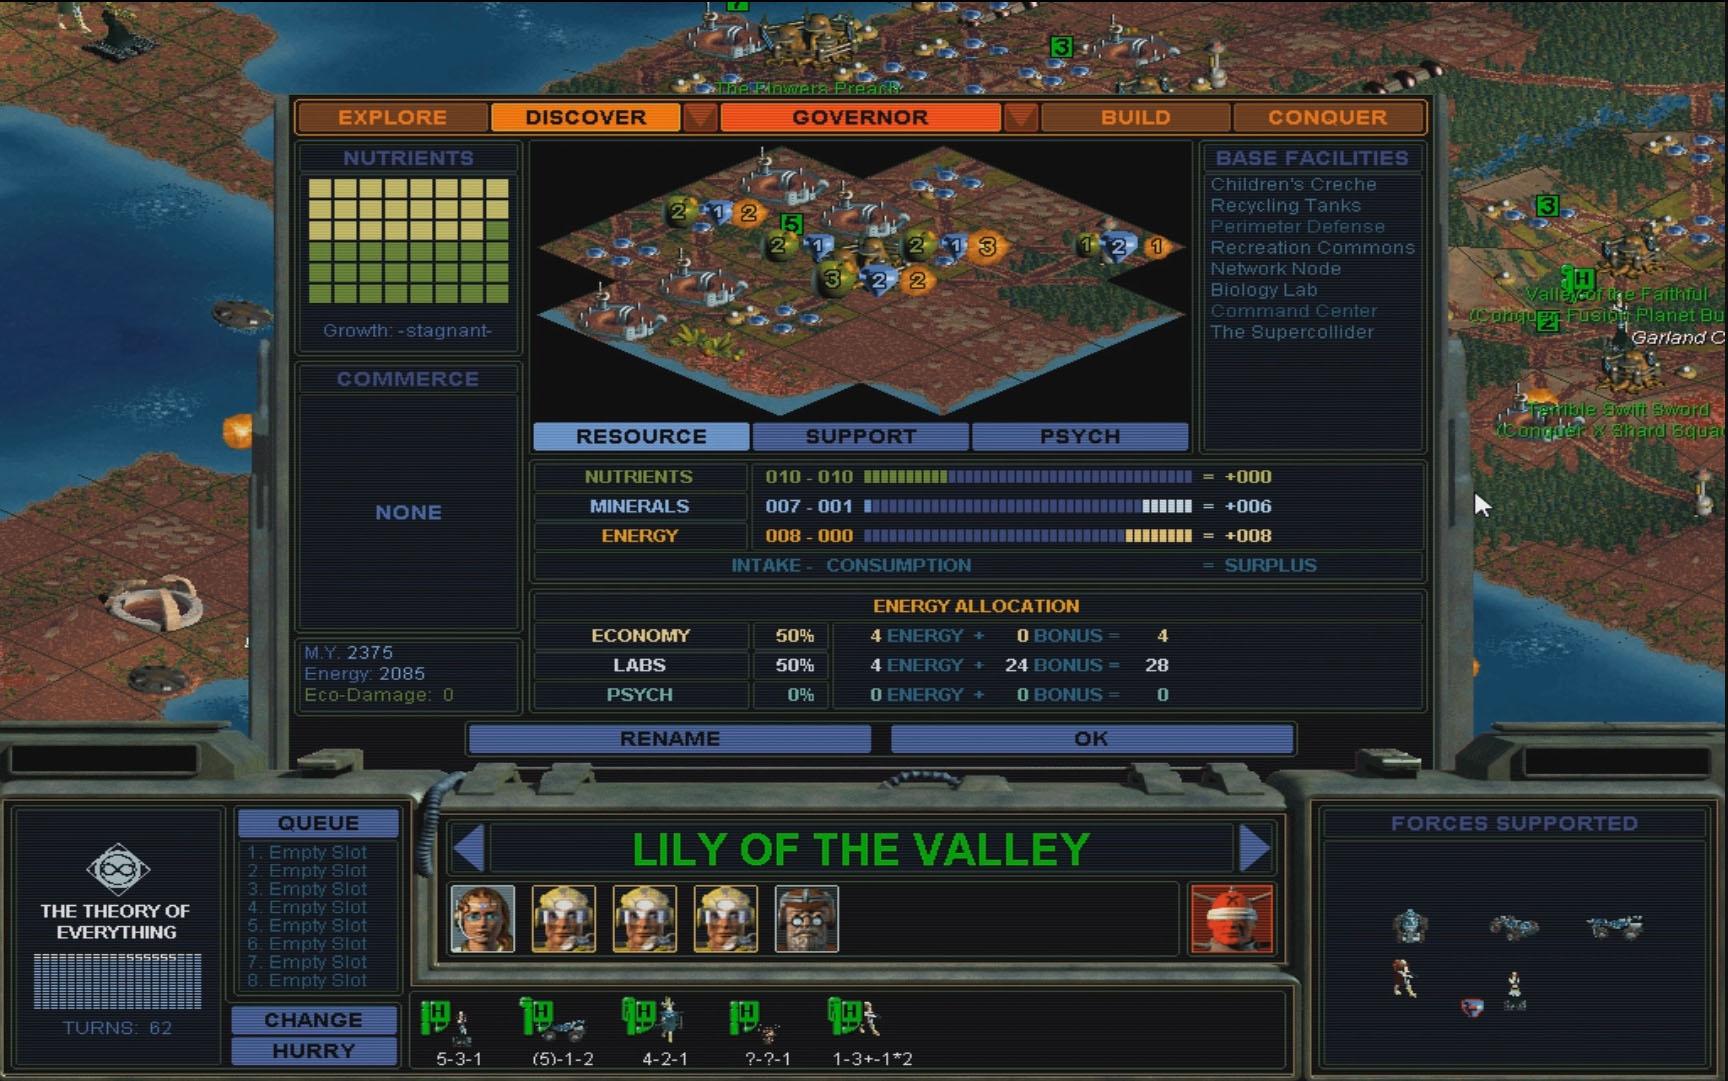 Original Governor/City Management Screen